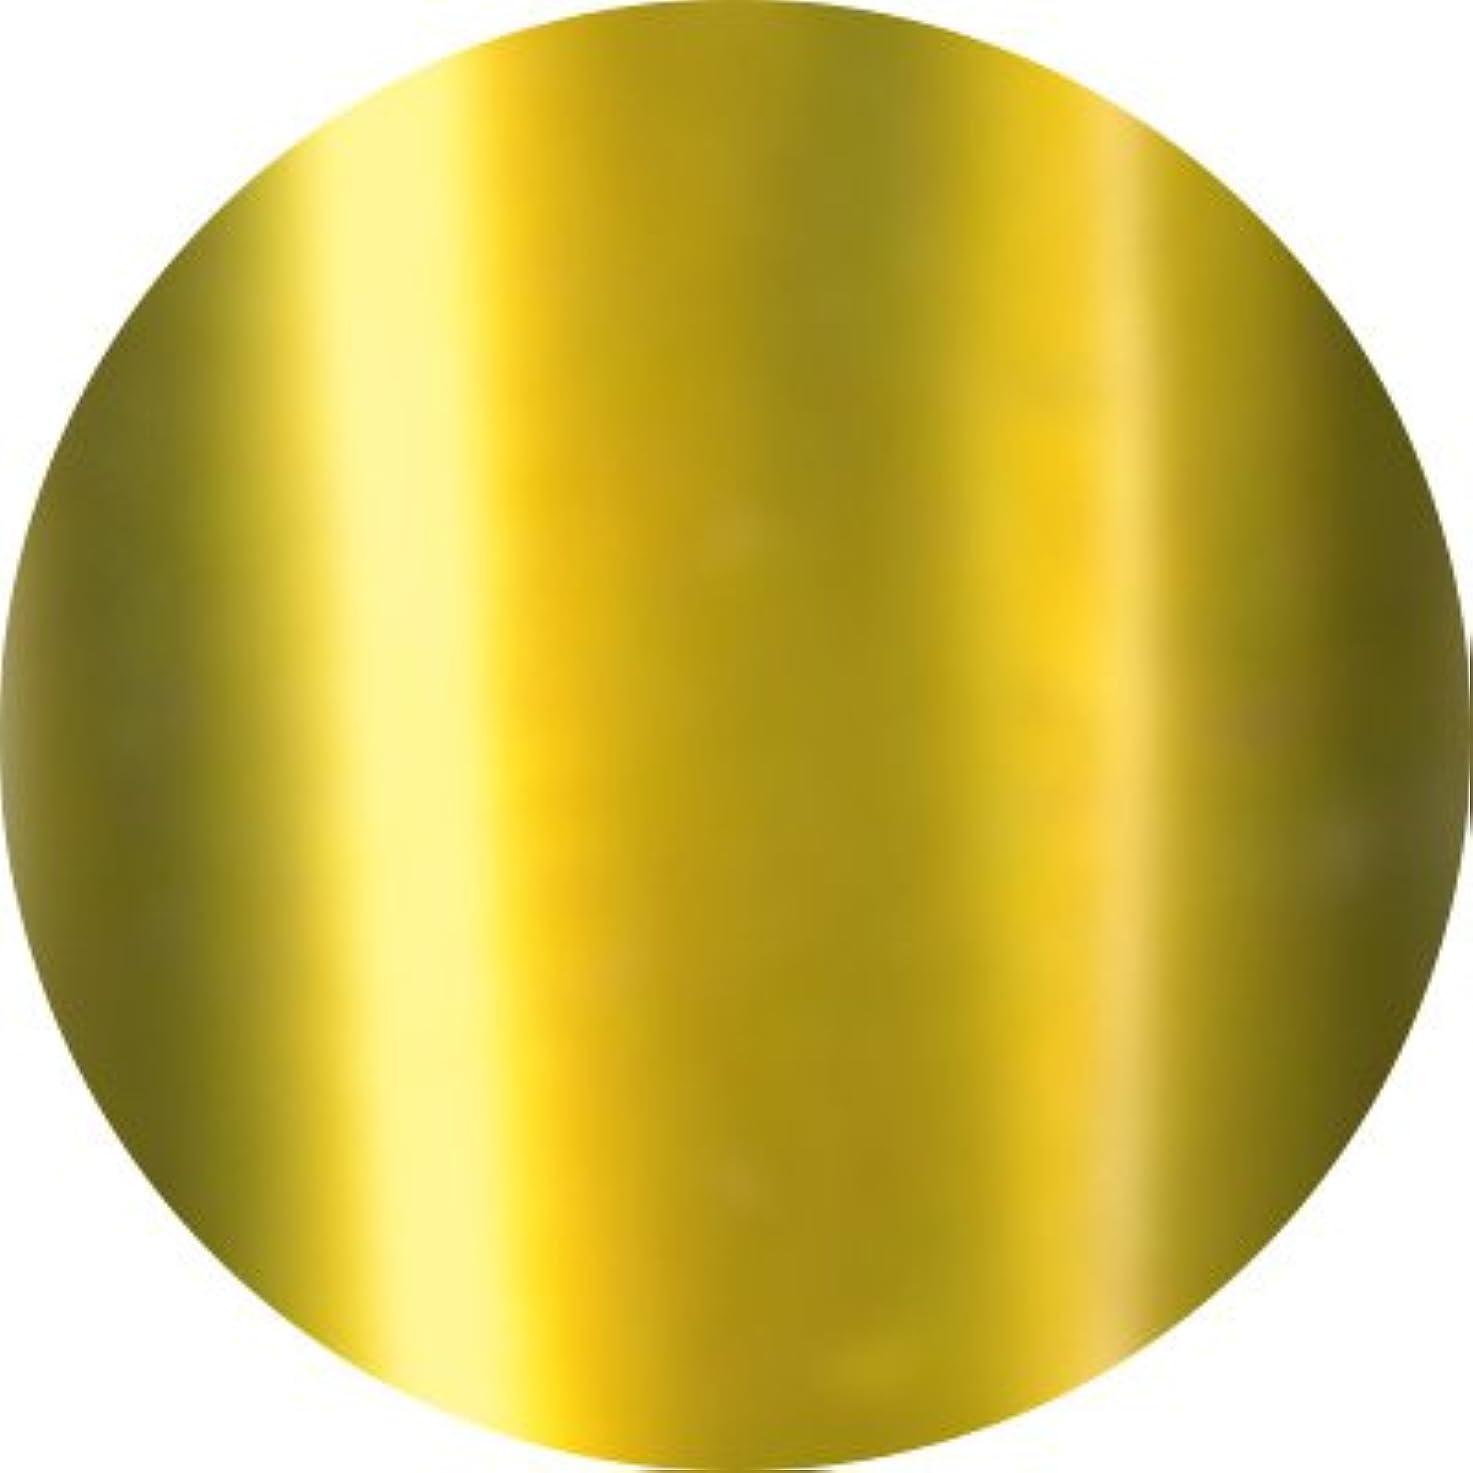 Jewelry jel(ジュエリージェル) カラージェル 5ml<BR>ピッカピカメタリック MKゴールド